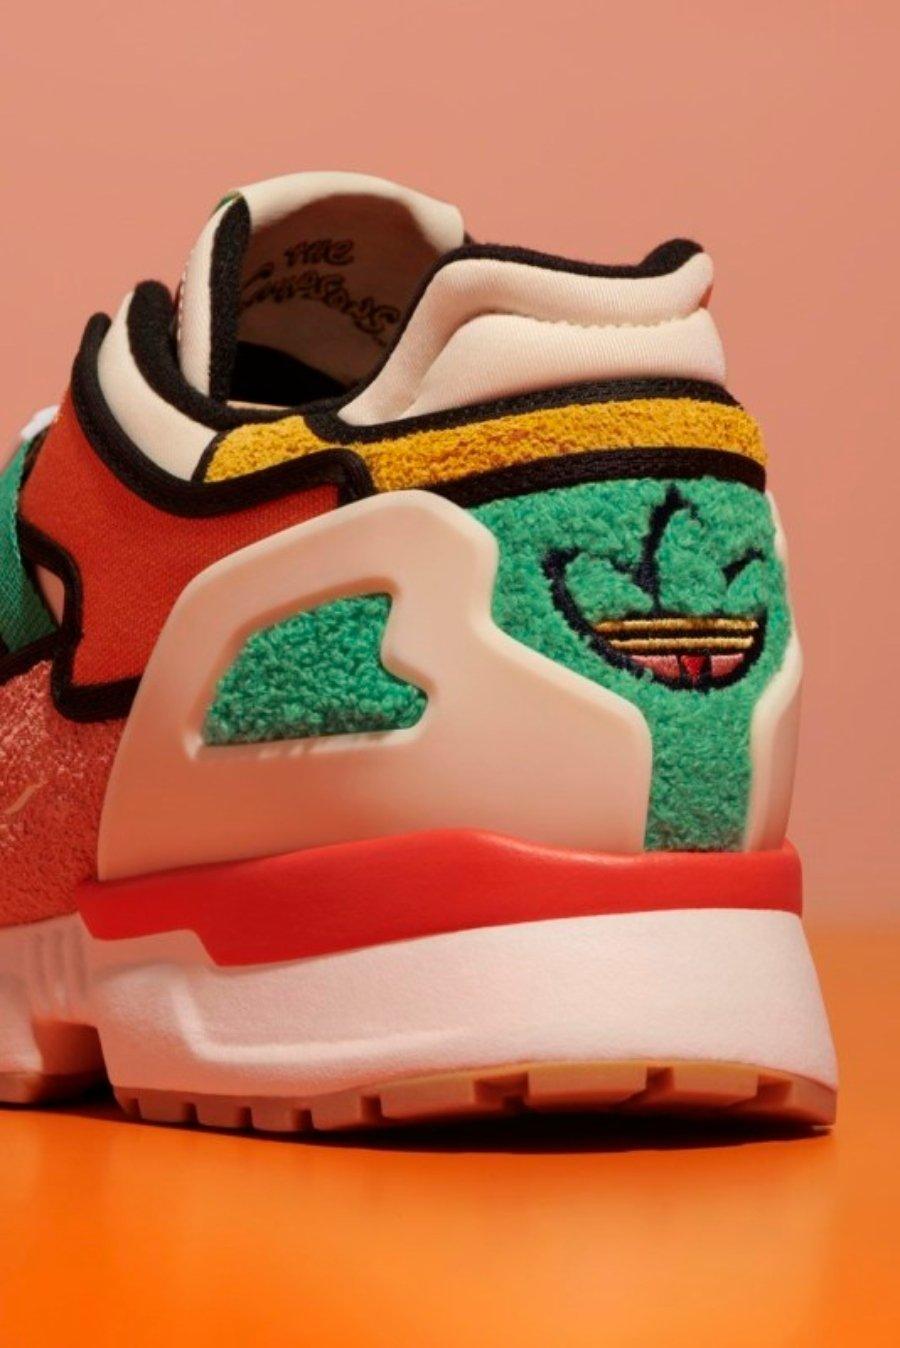 Nuevas Adidas de Krusty Burger